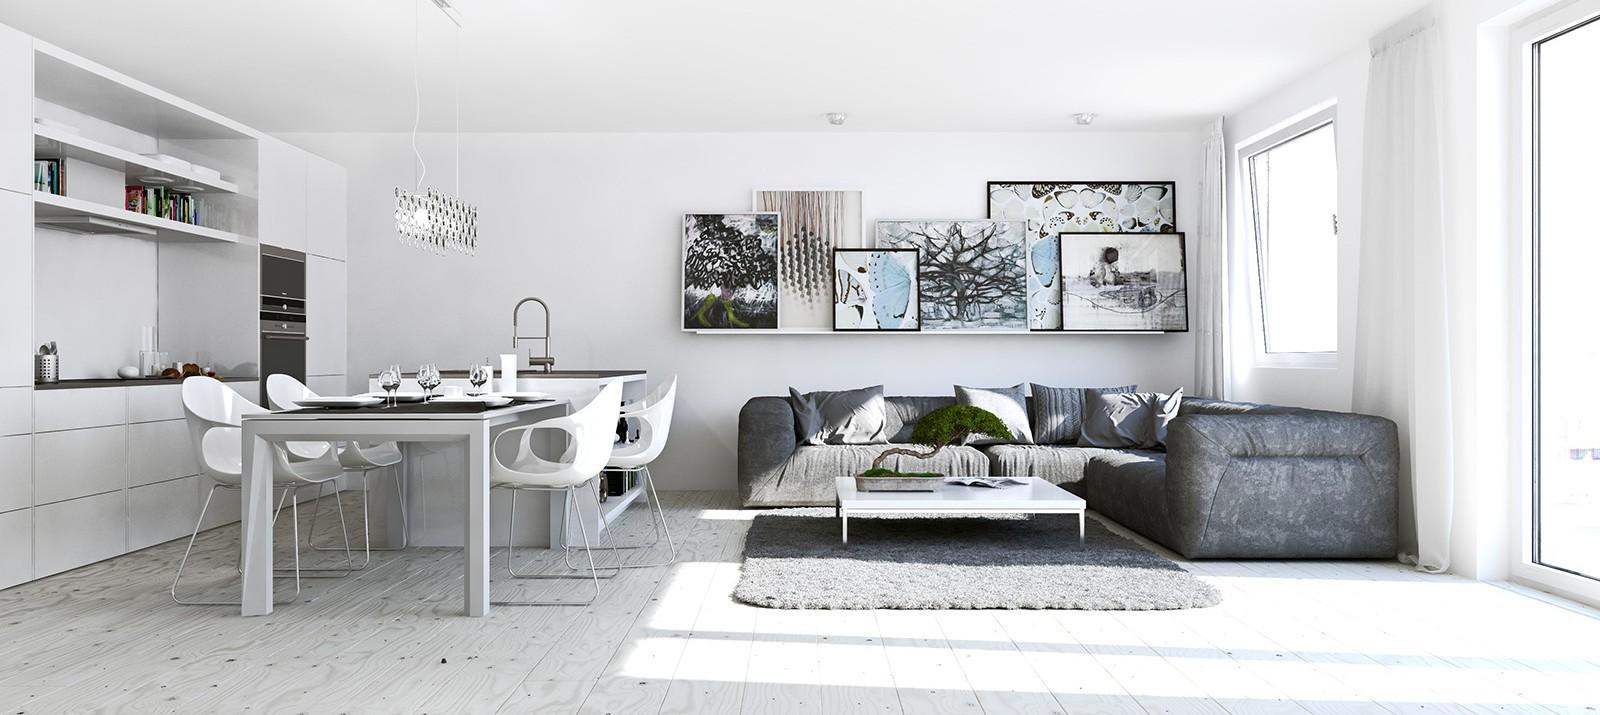 white-living-area-studio-apartment-home-designing-1600x715